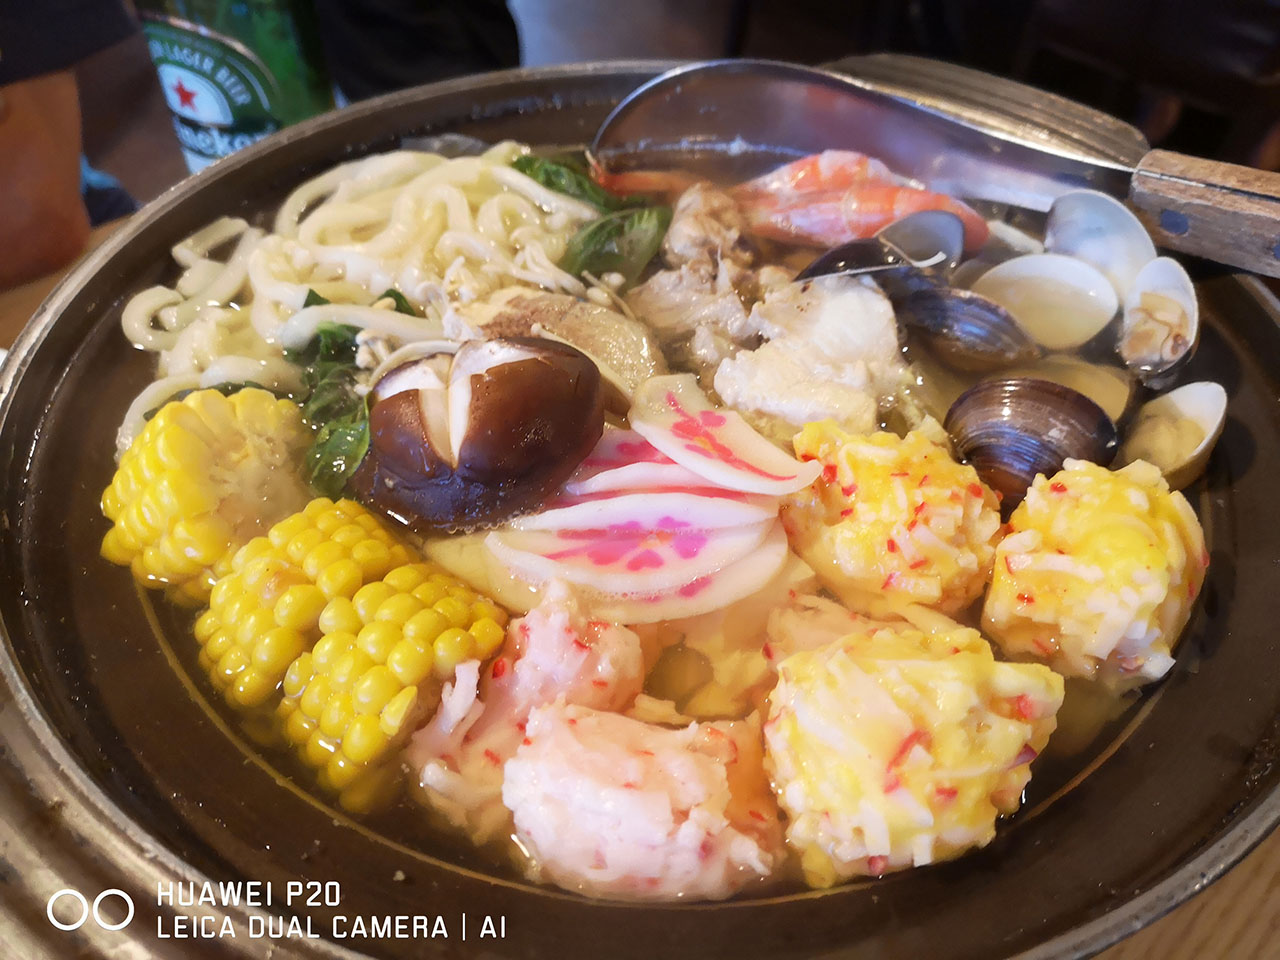 東街日本料理 | 桃園無菜單料理千元套餐